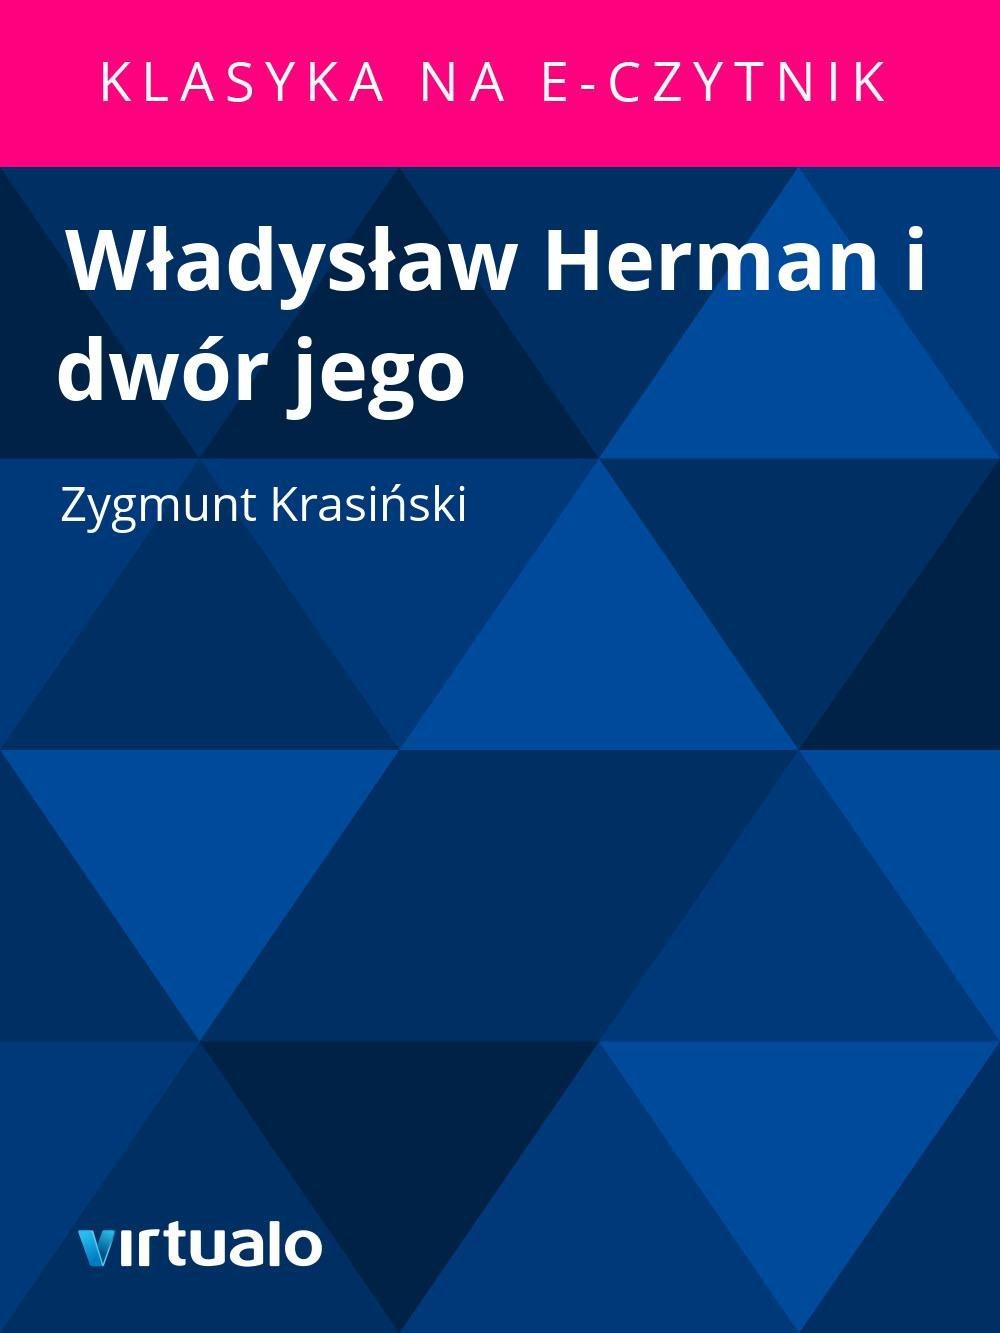 Władysław Herman i dwór jego - Ebook (Książka EPUB) do pobrania w formacie EPUB